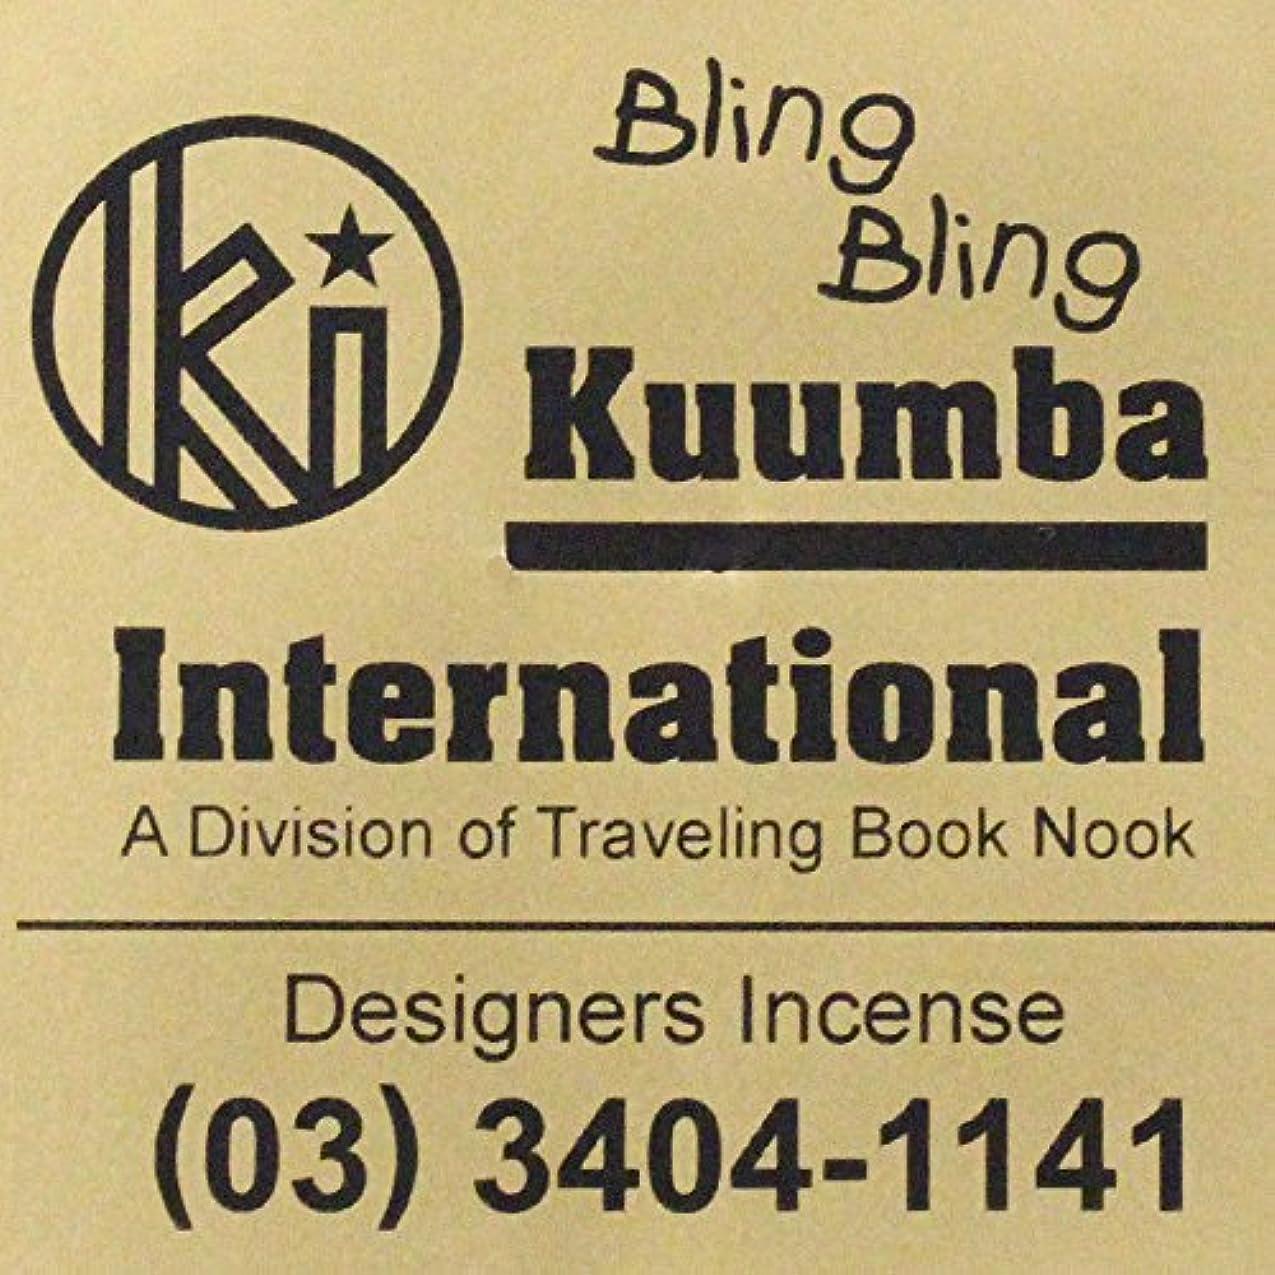 なだめる観察する協力(クンバ) KUUMBA『incense』(Bling Bling) (Regular size)